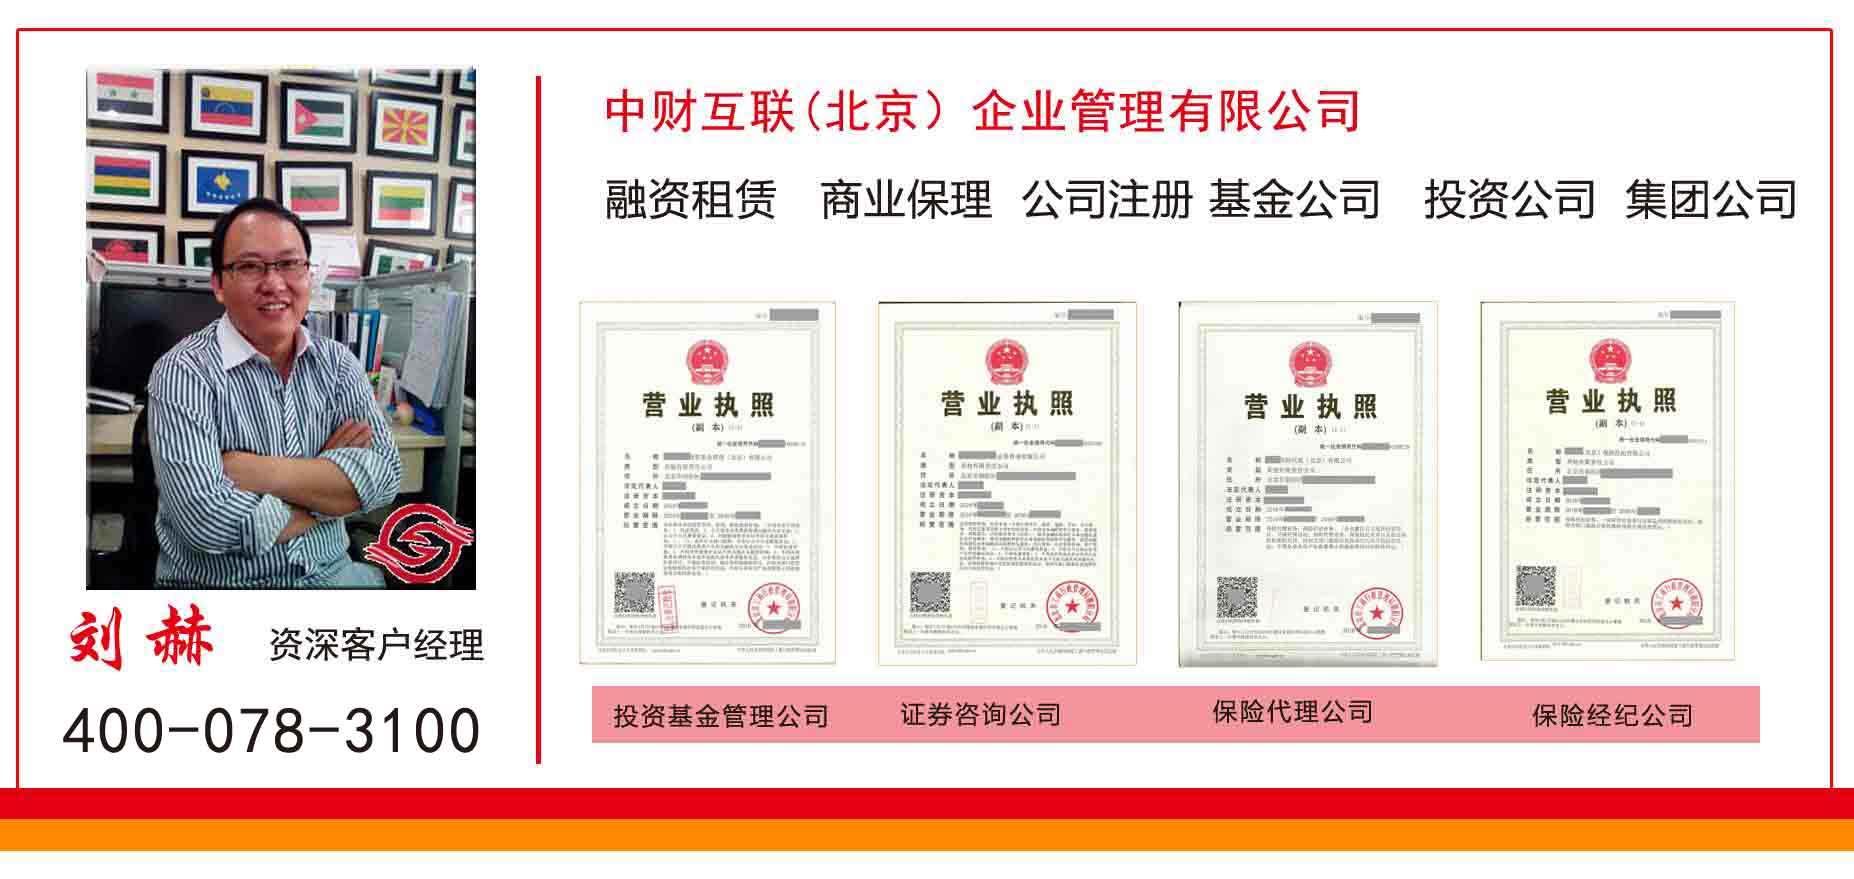 北京互联网信息服务公司转让